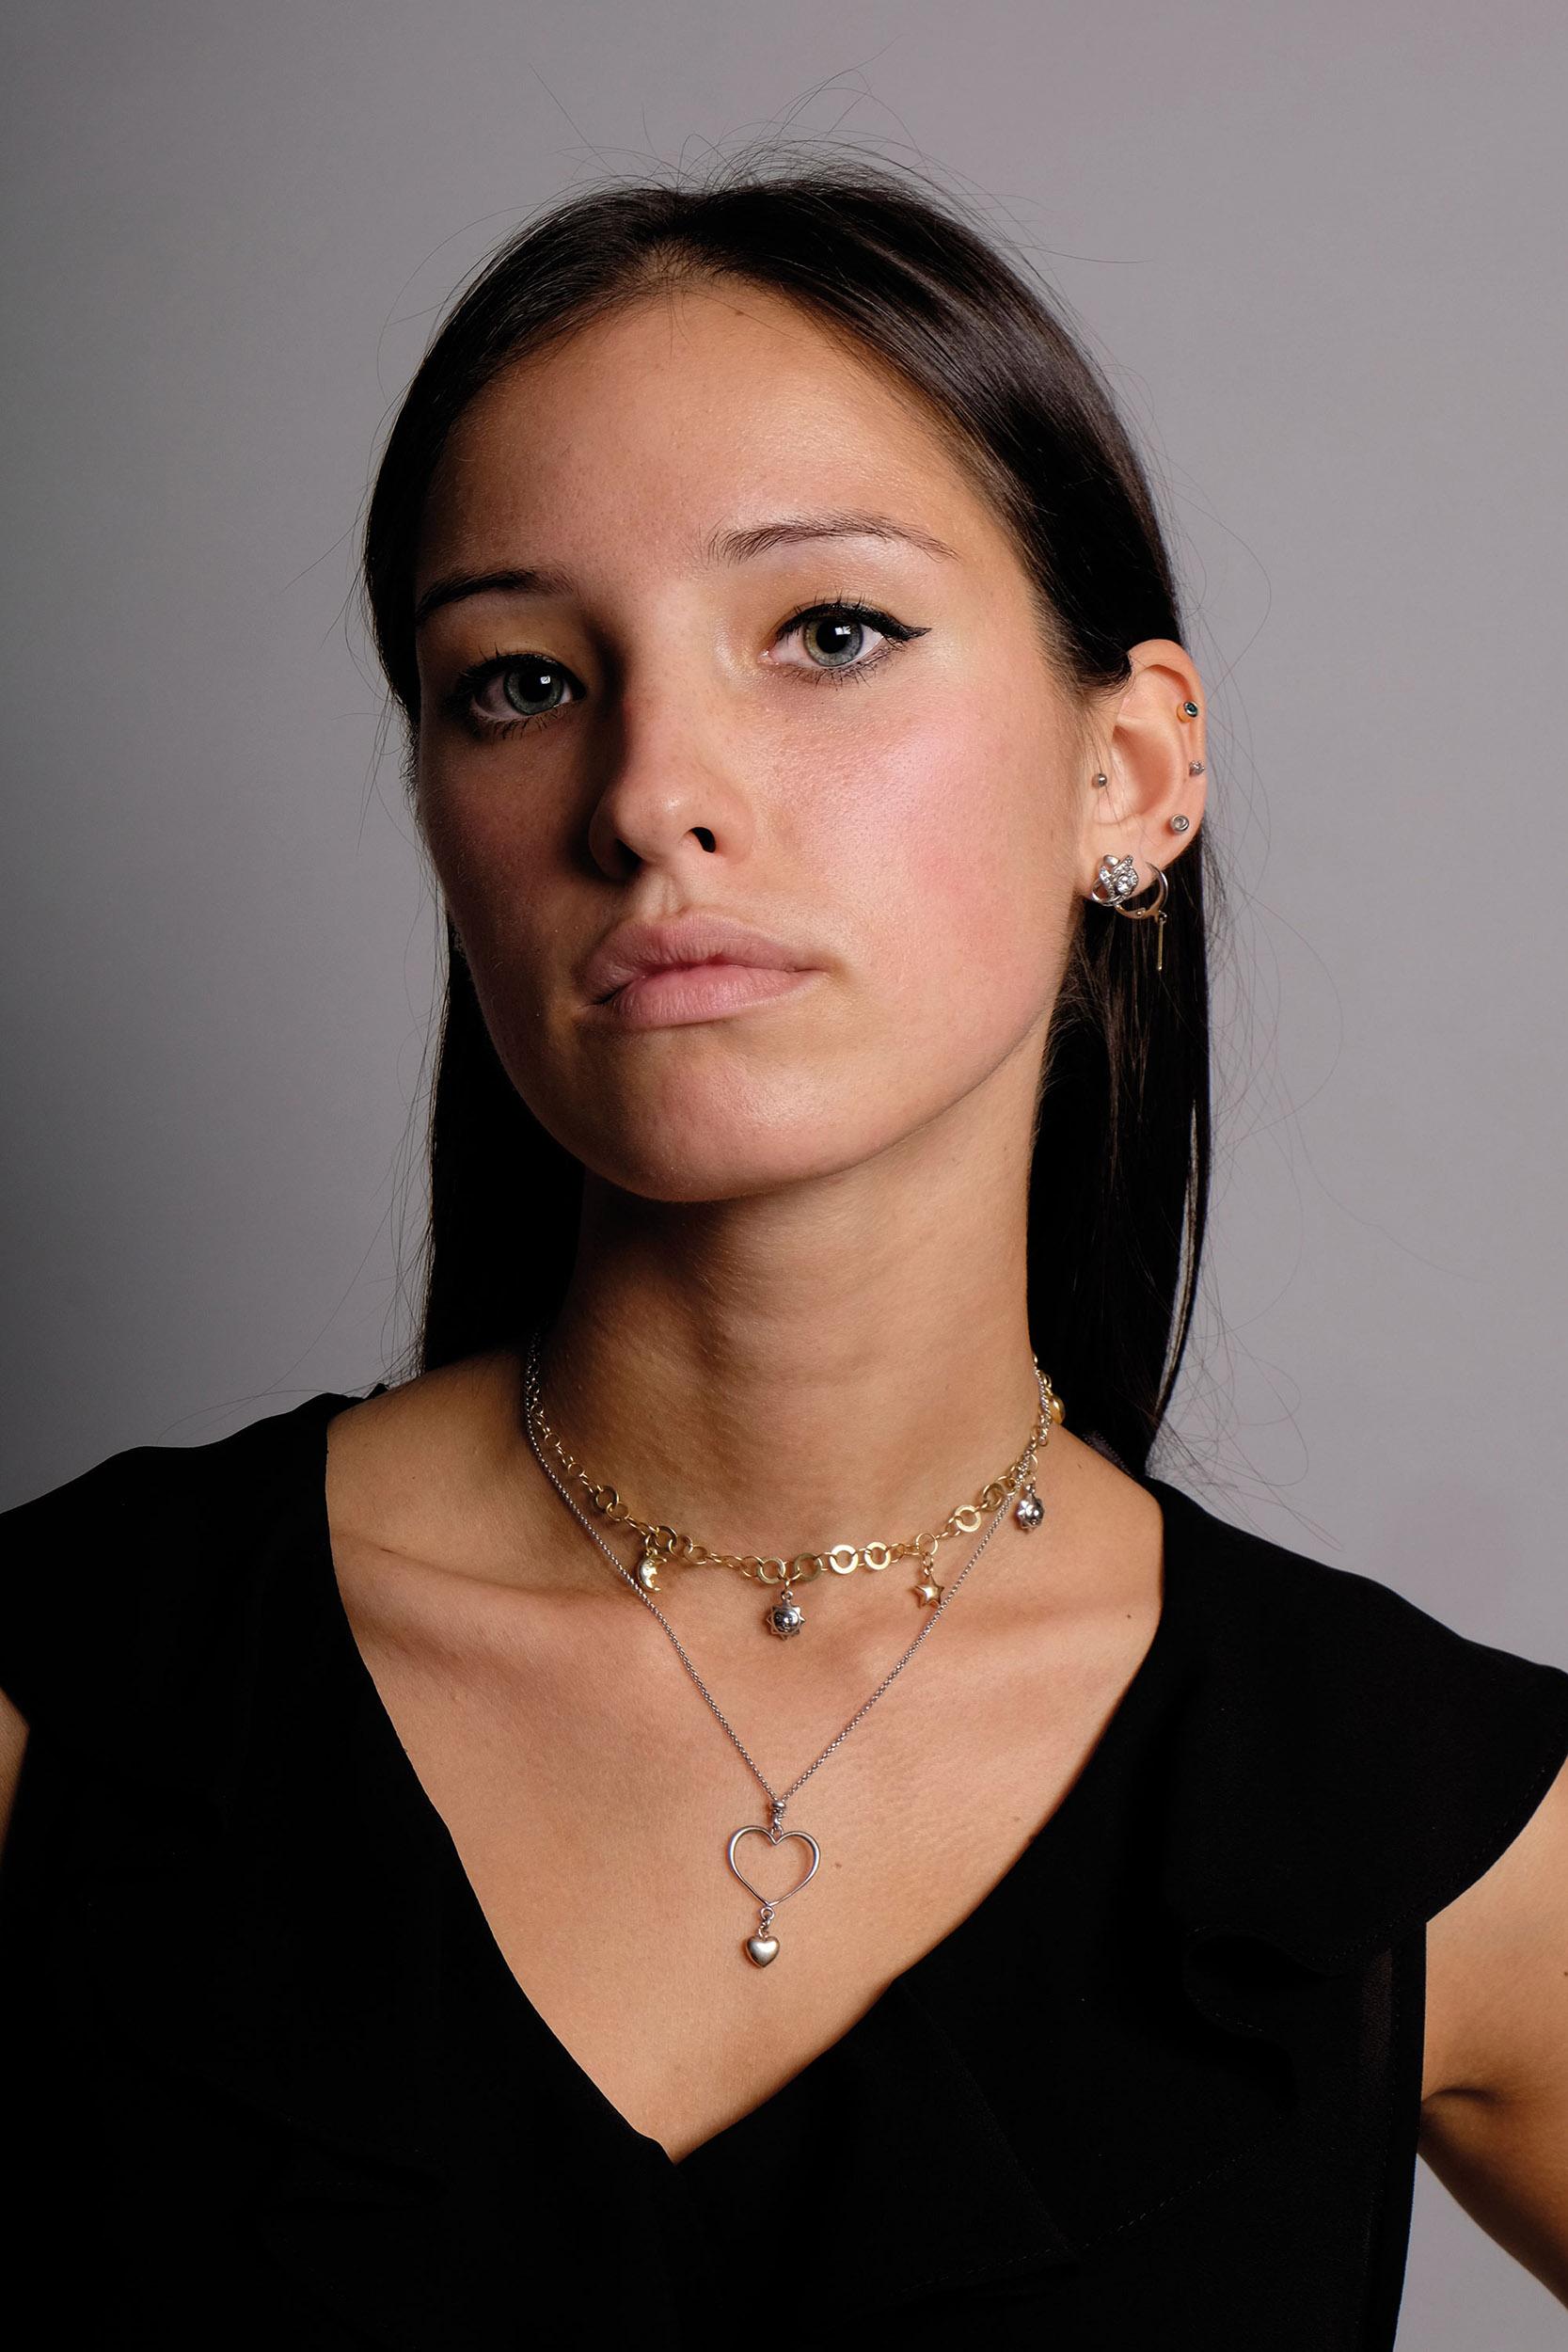 Aurora - Creative Models - Agenzia di Modelle Brescia